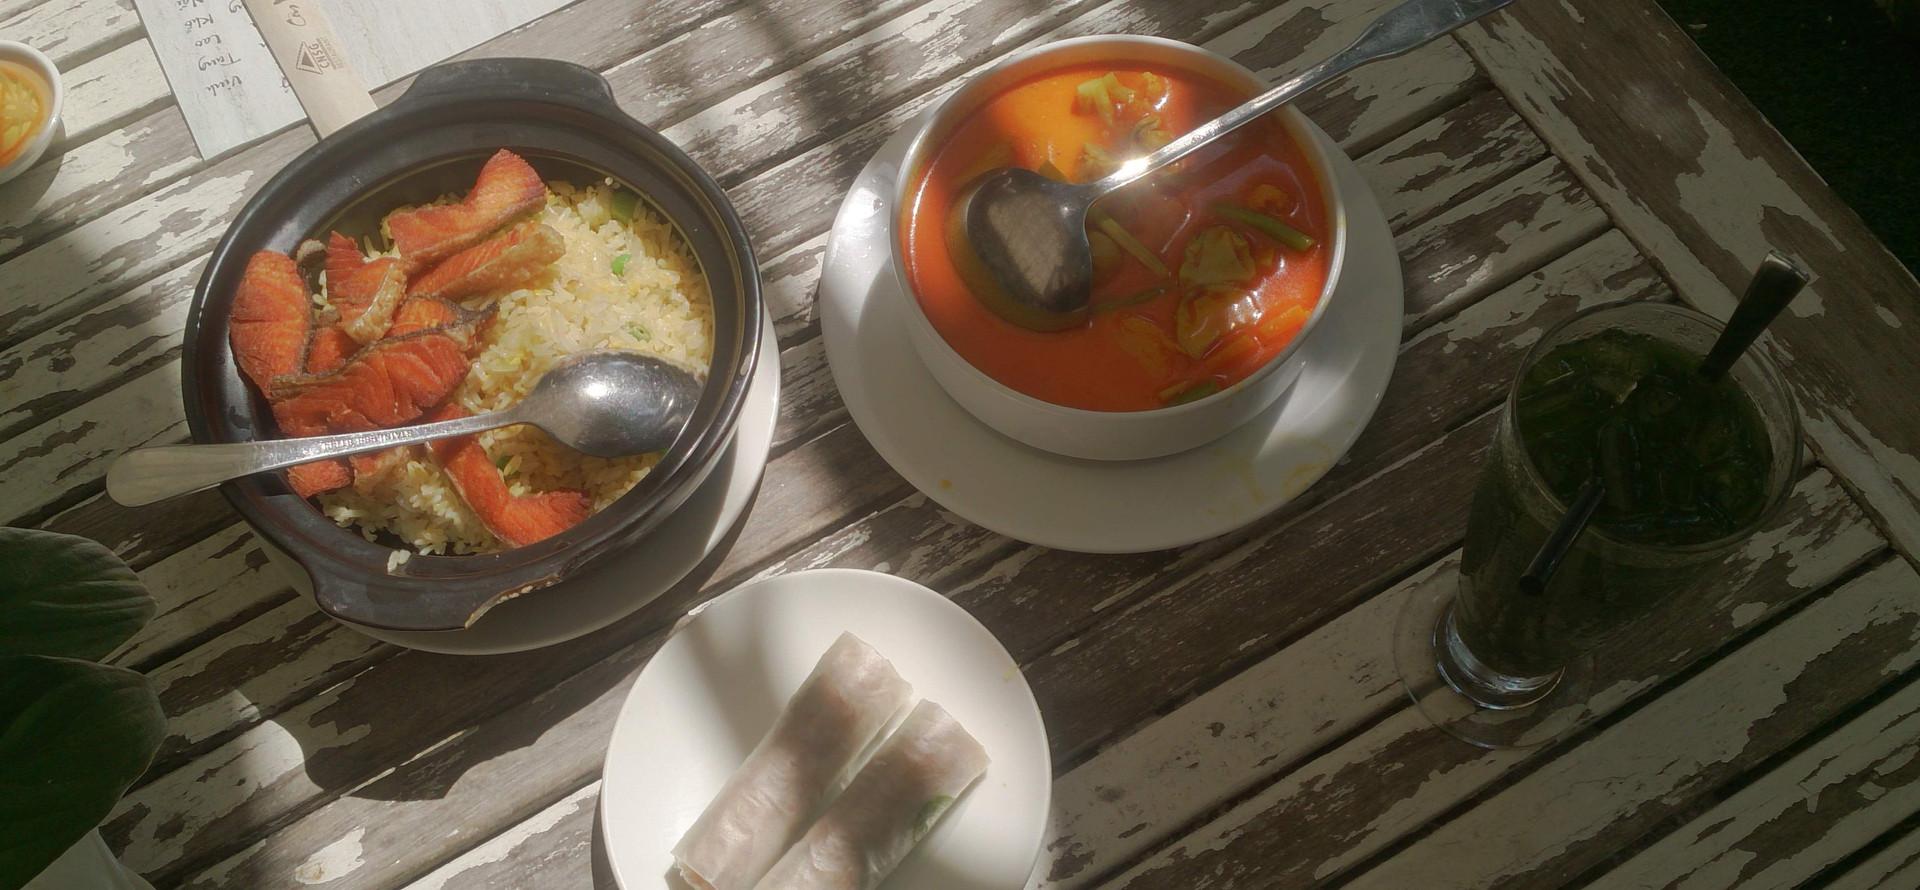 Wisata Kuliner Vietnam di 4 Restoran Vietnam di Da Nang